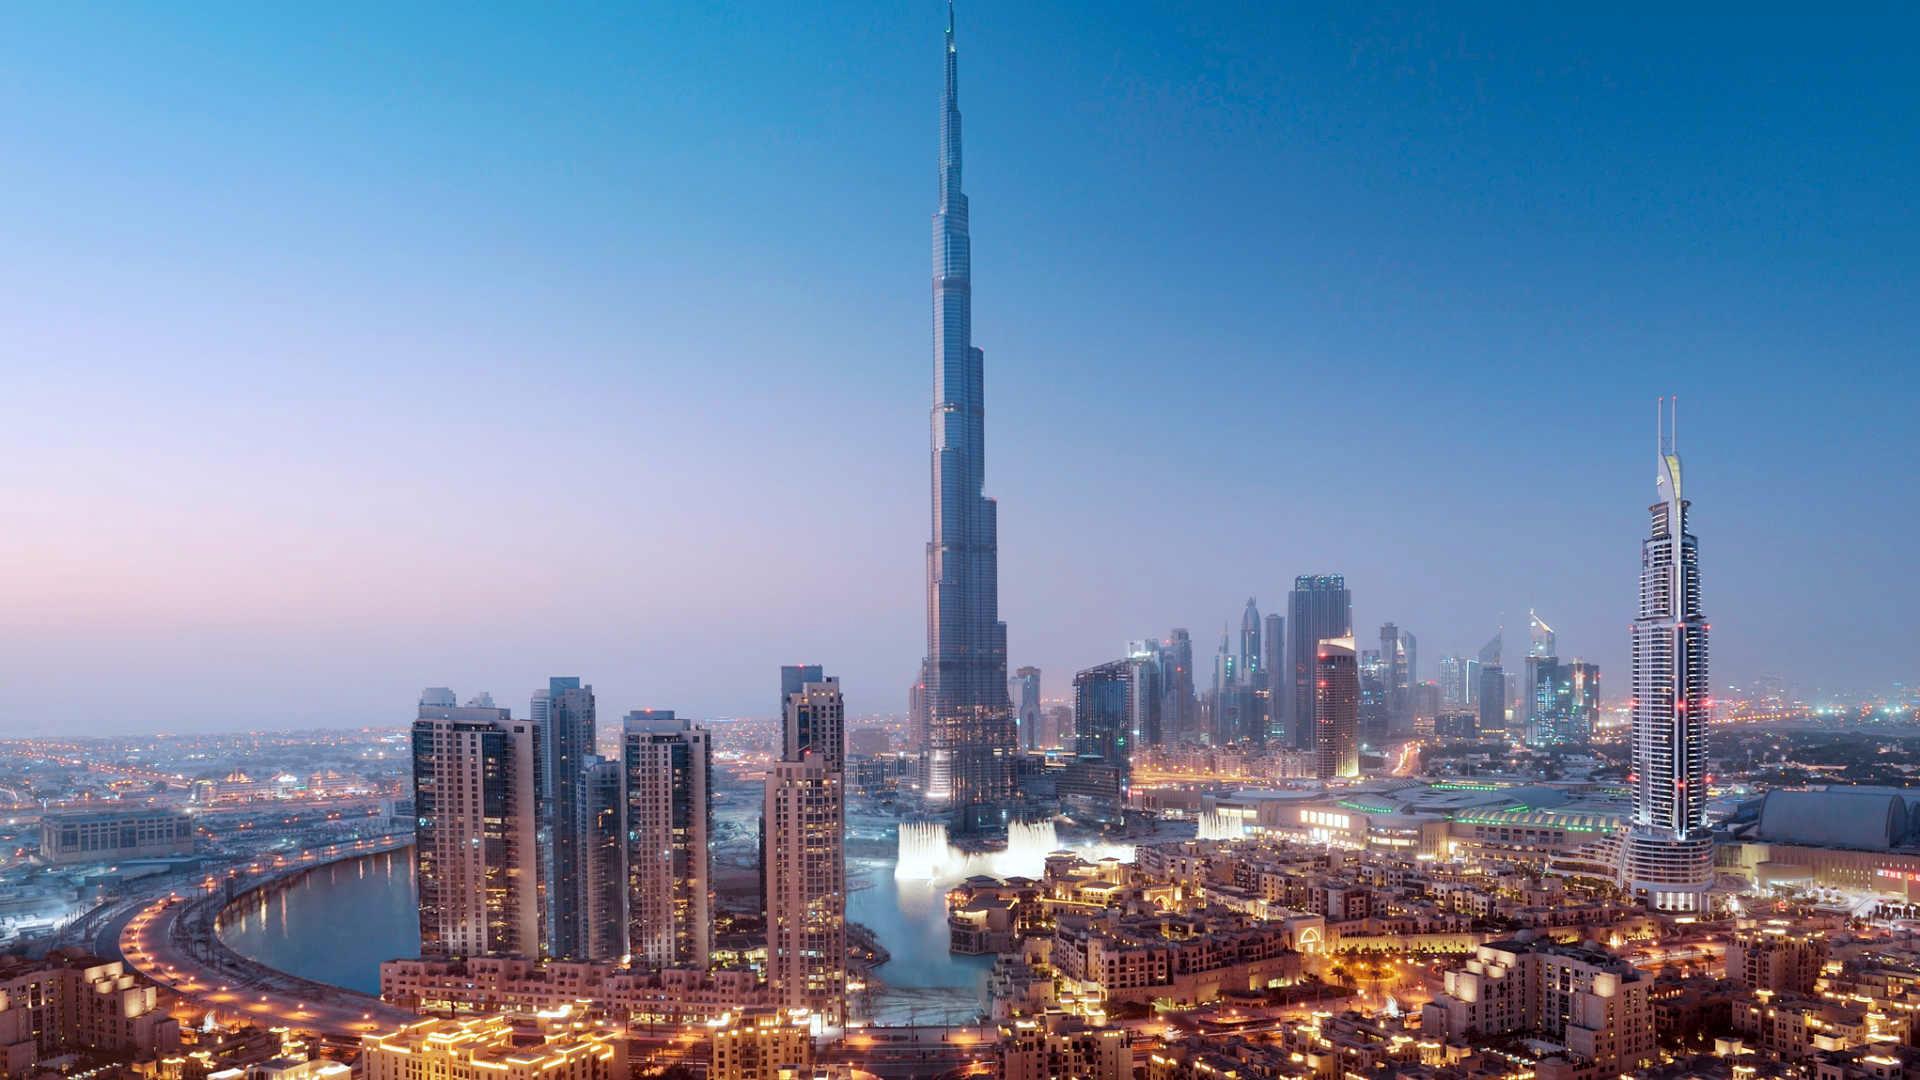 En Emiratos Árabes Unidos, la tecnología blockchain se posiciona como una alternativa para los servicios gubernamentales digitales